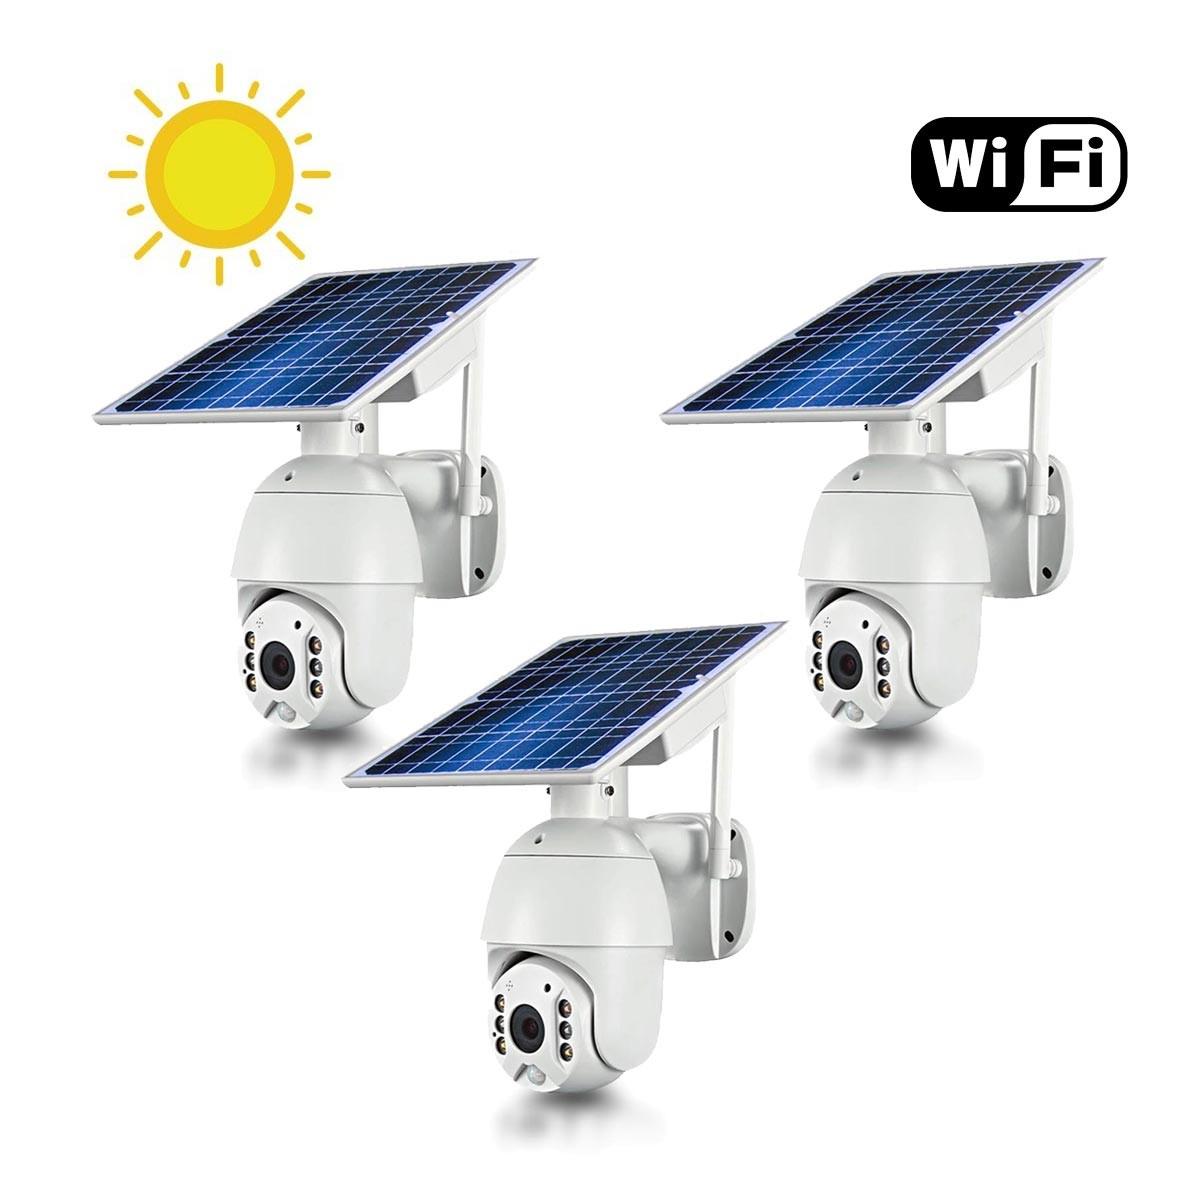 Kit 3 caméras pilotables solaires IP Wifi HD 1080P waterproof Infrarouges accès à distance via iPhone Android 64 Go inclus